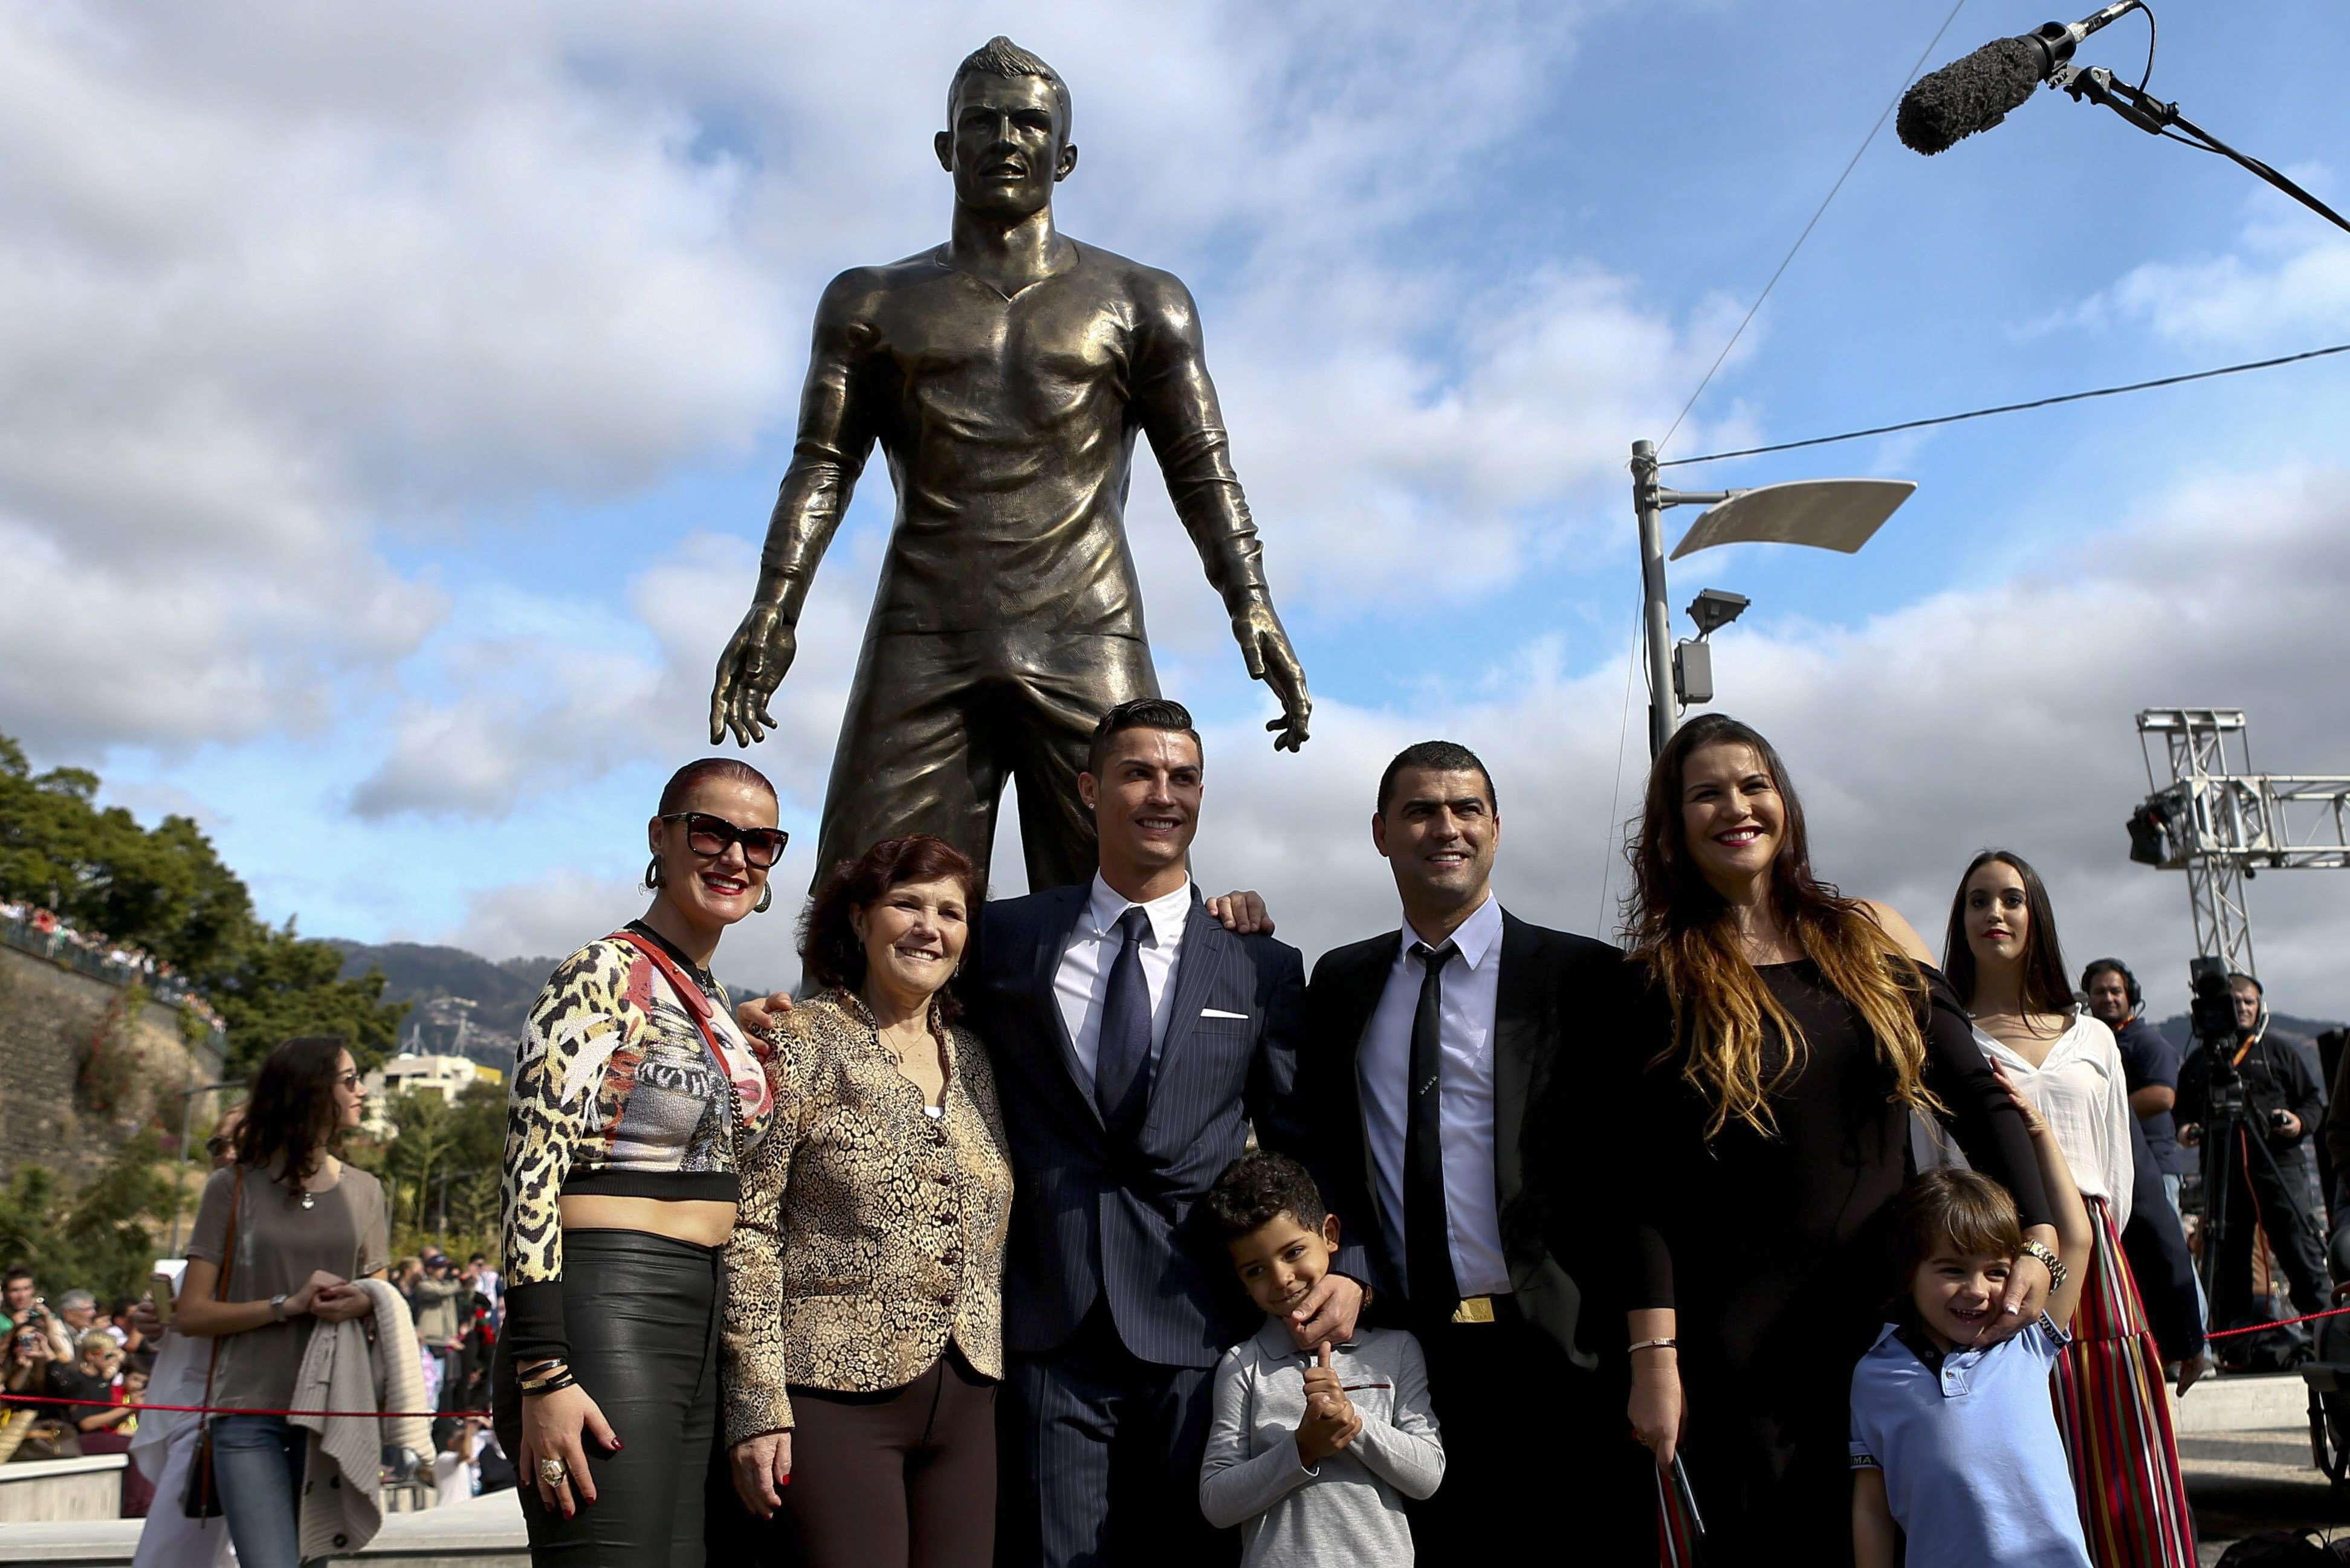 Ronaldo posa con su familia junto a su estatua recién inaugurada en Madeira. Foto: EFE en español